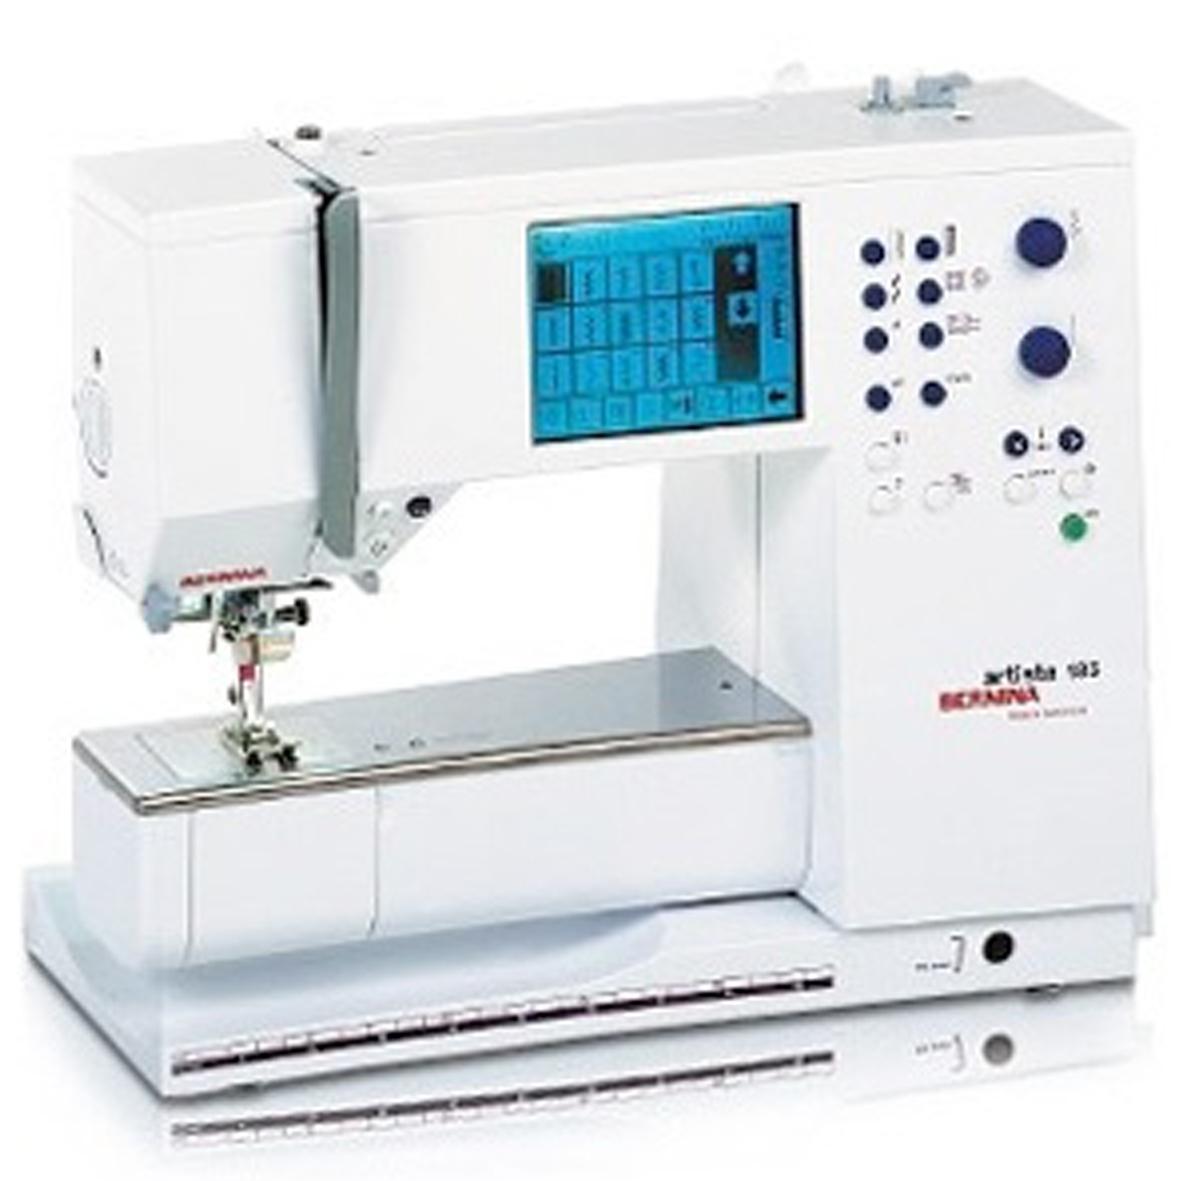 e1 sewing machine